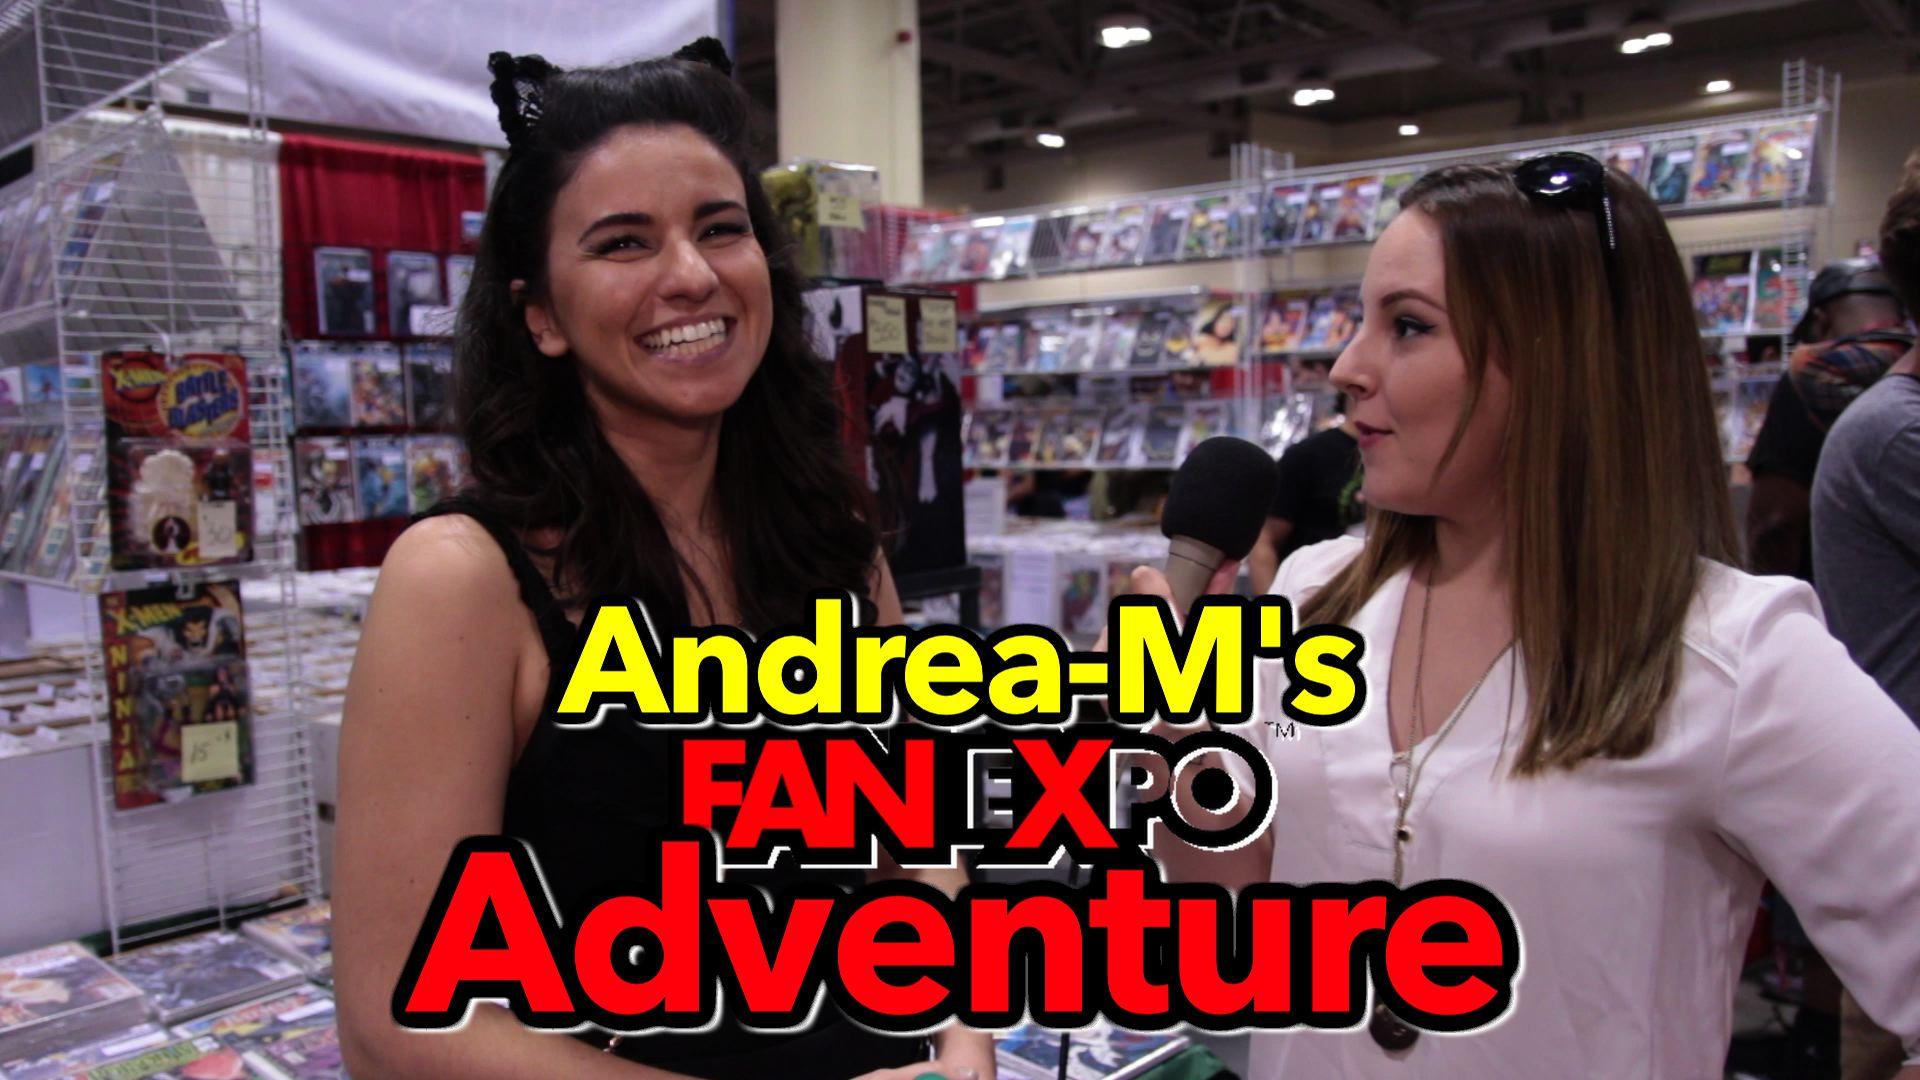 Andrea-M's Fan Expo Adventure